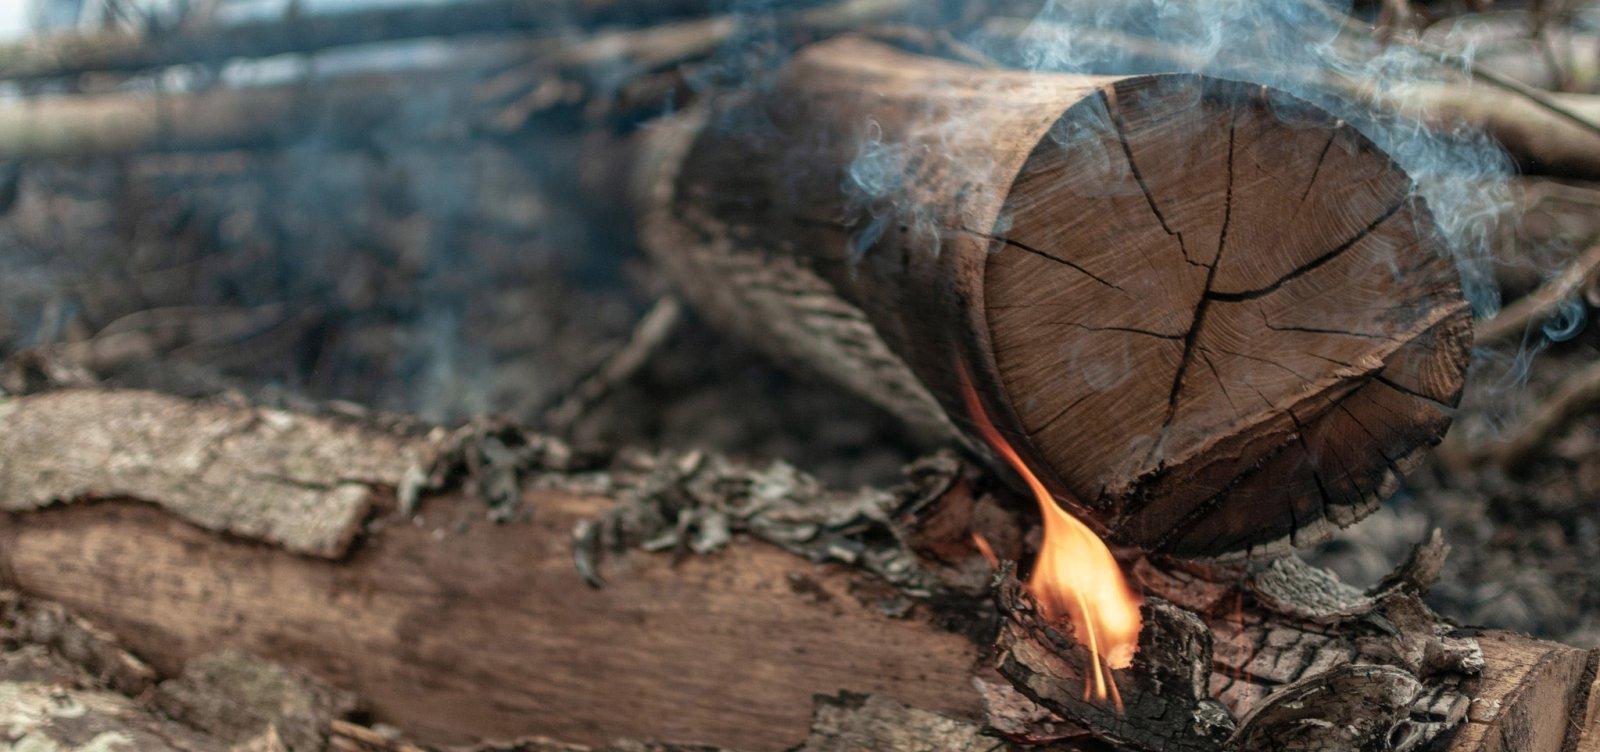 [Ibama gastou menos de 40% do orçamento para combate a desmatamento e queimadas em 2020]